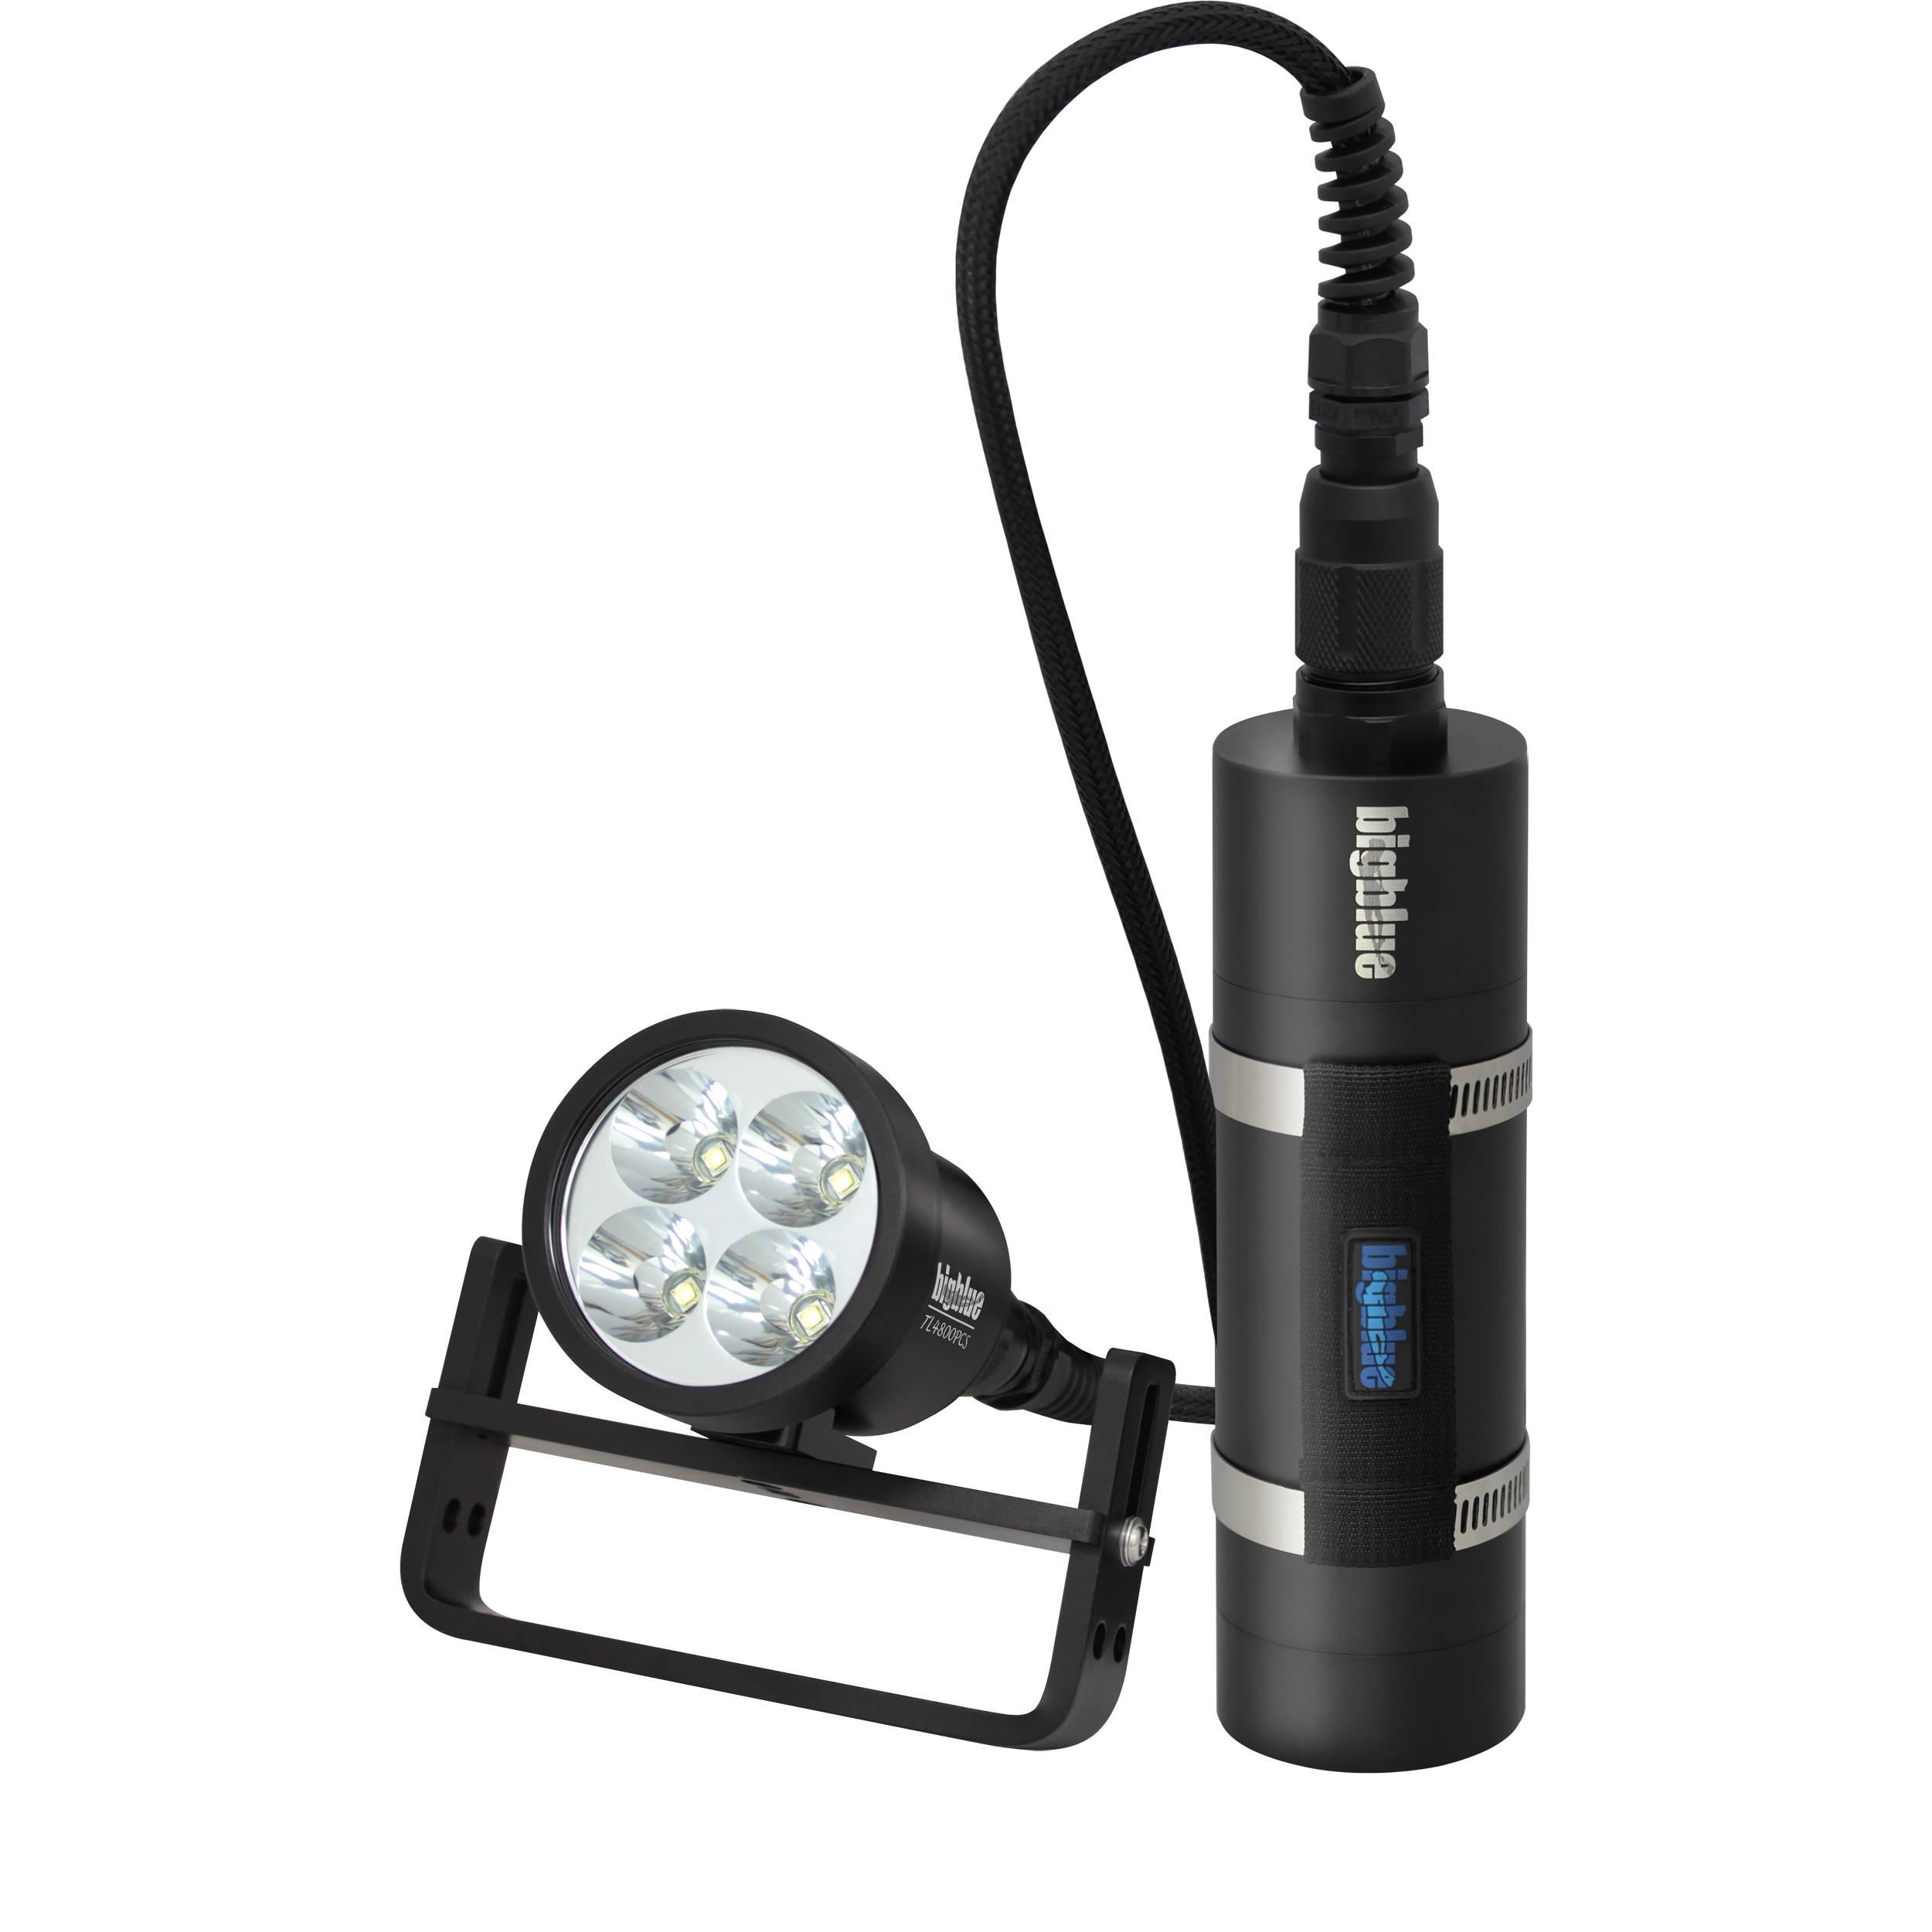 Bigblue TL4800PCSLIM Technical LED Dive Light TL4800PC